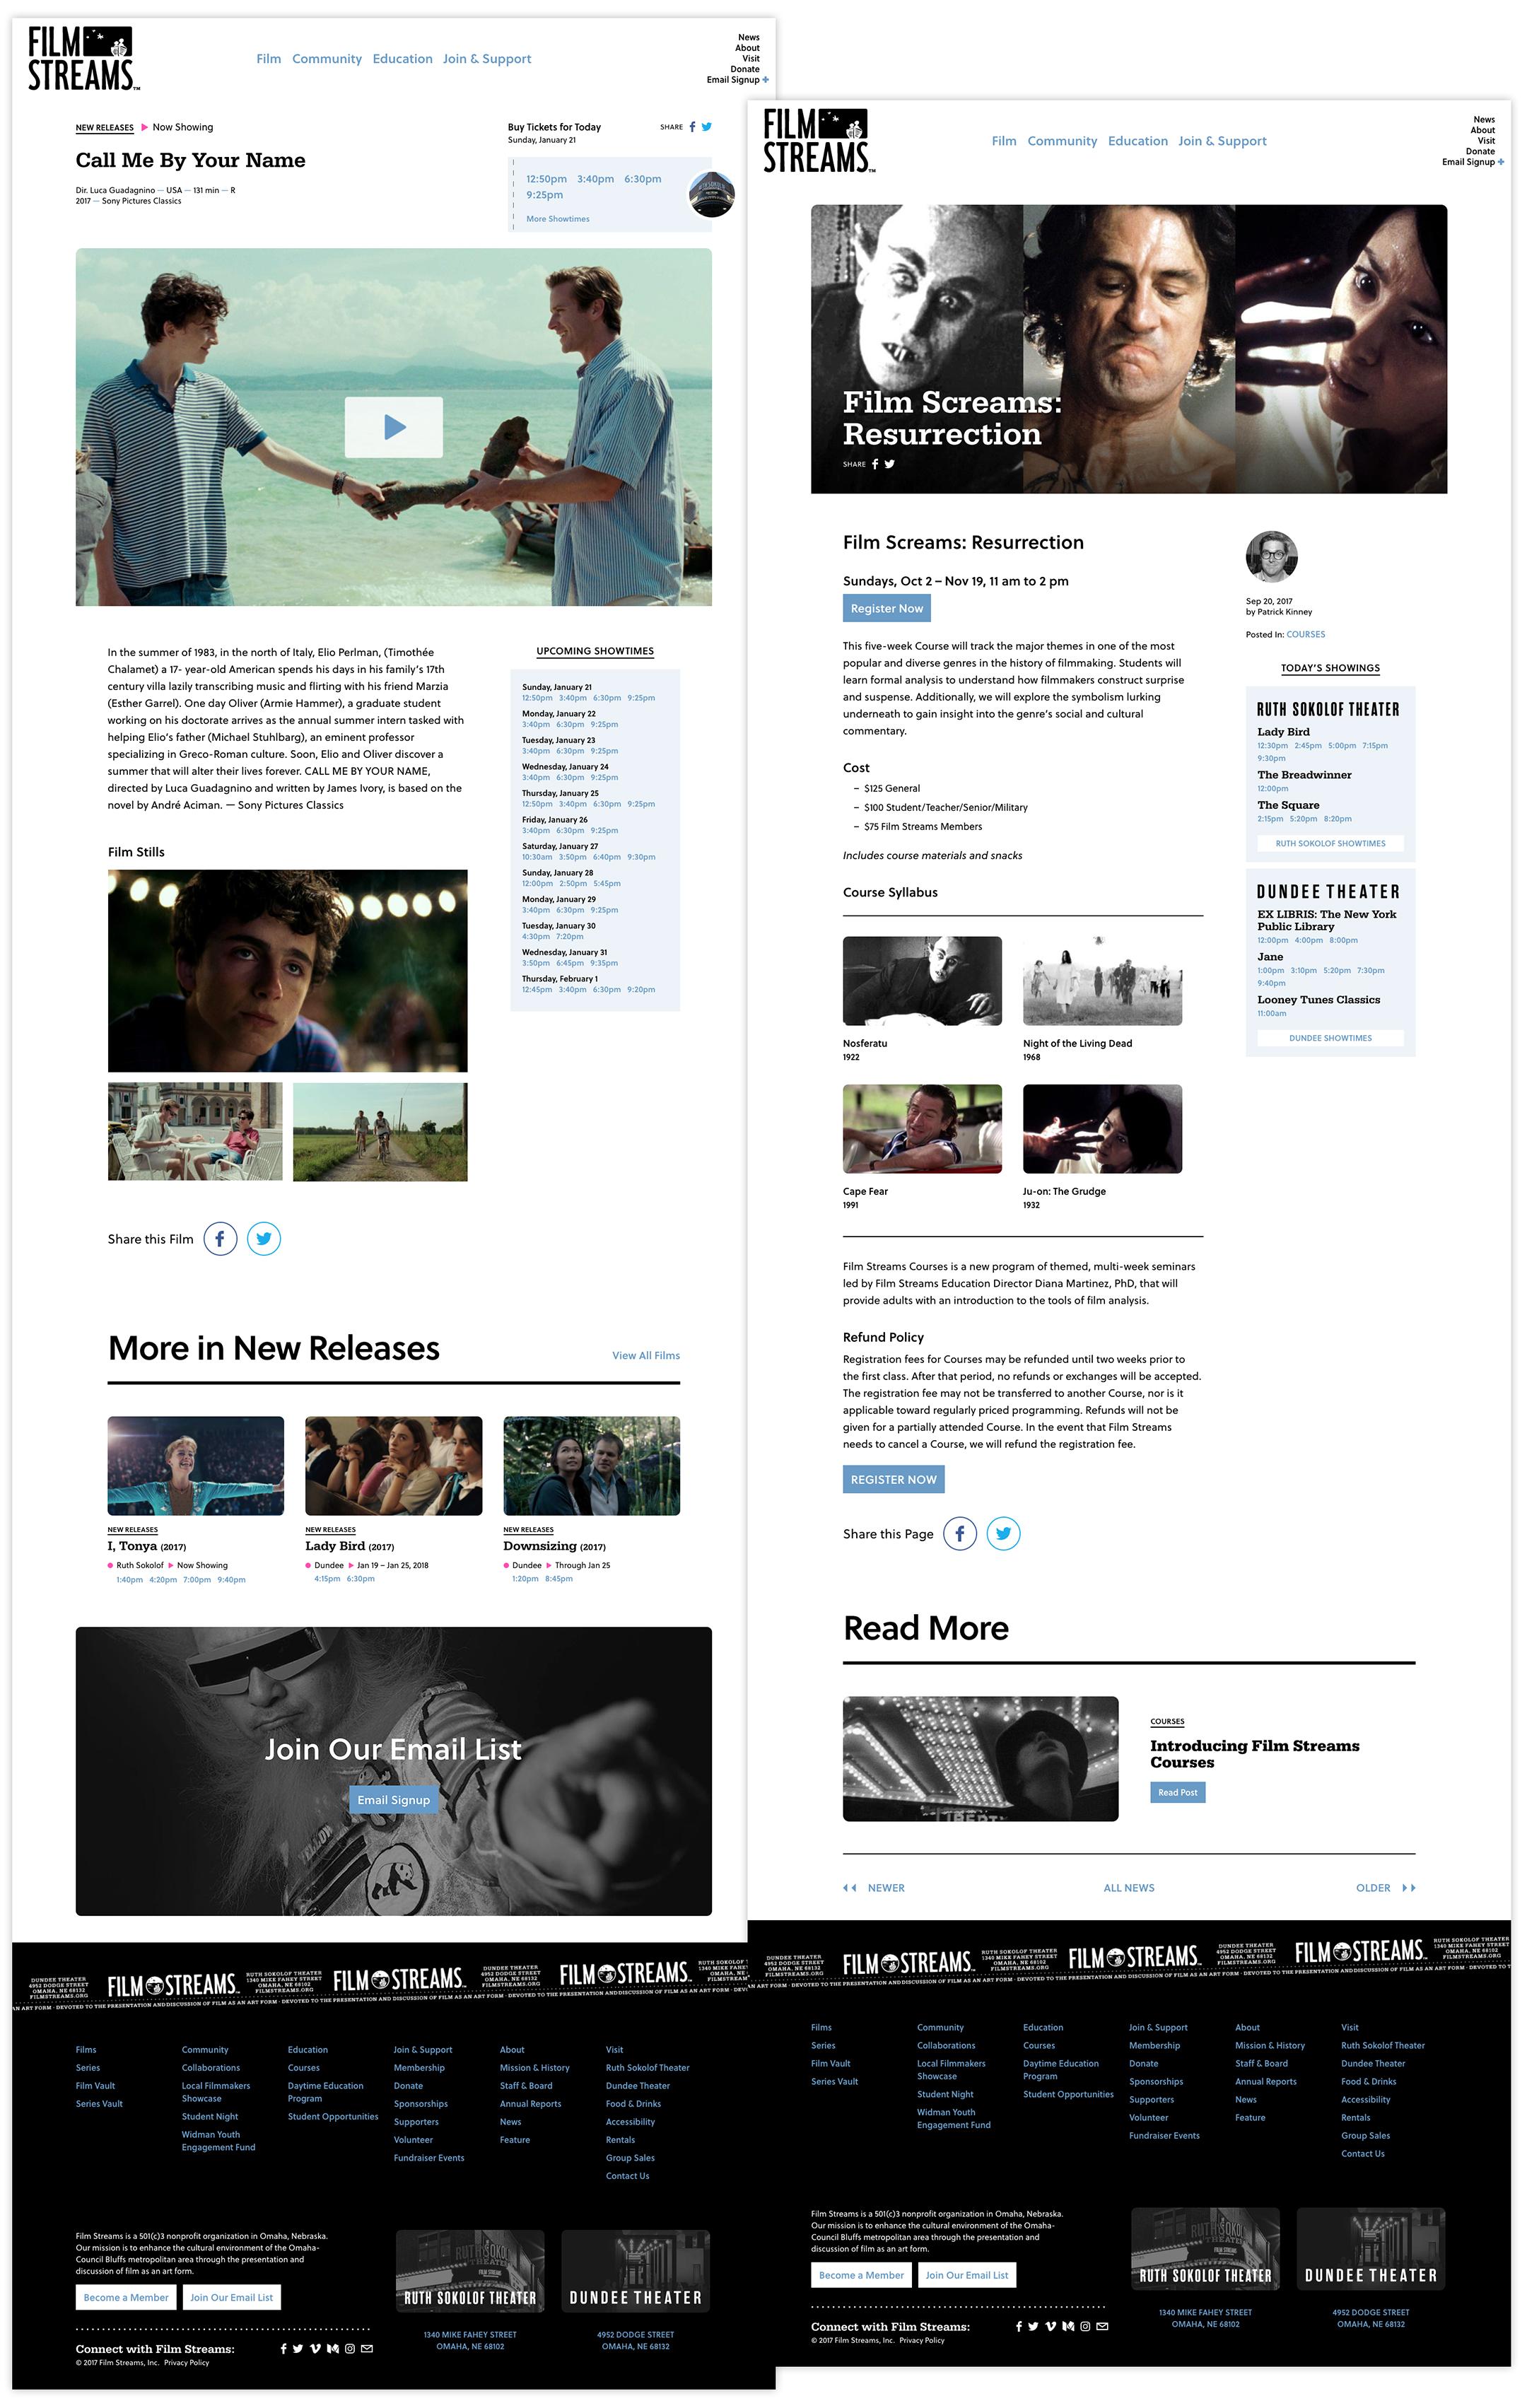 jkdc_filmstreams-pagedesigns.jpg